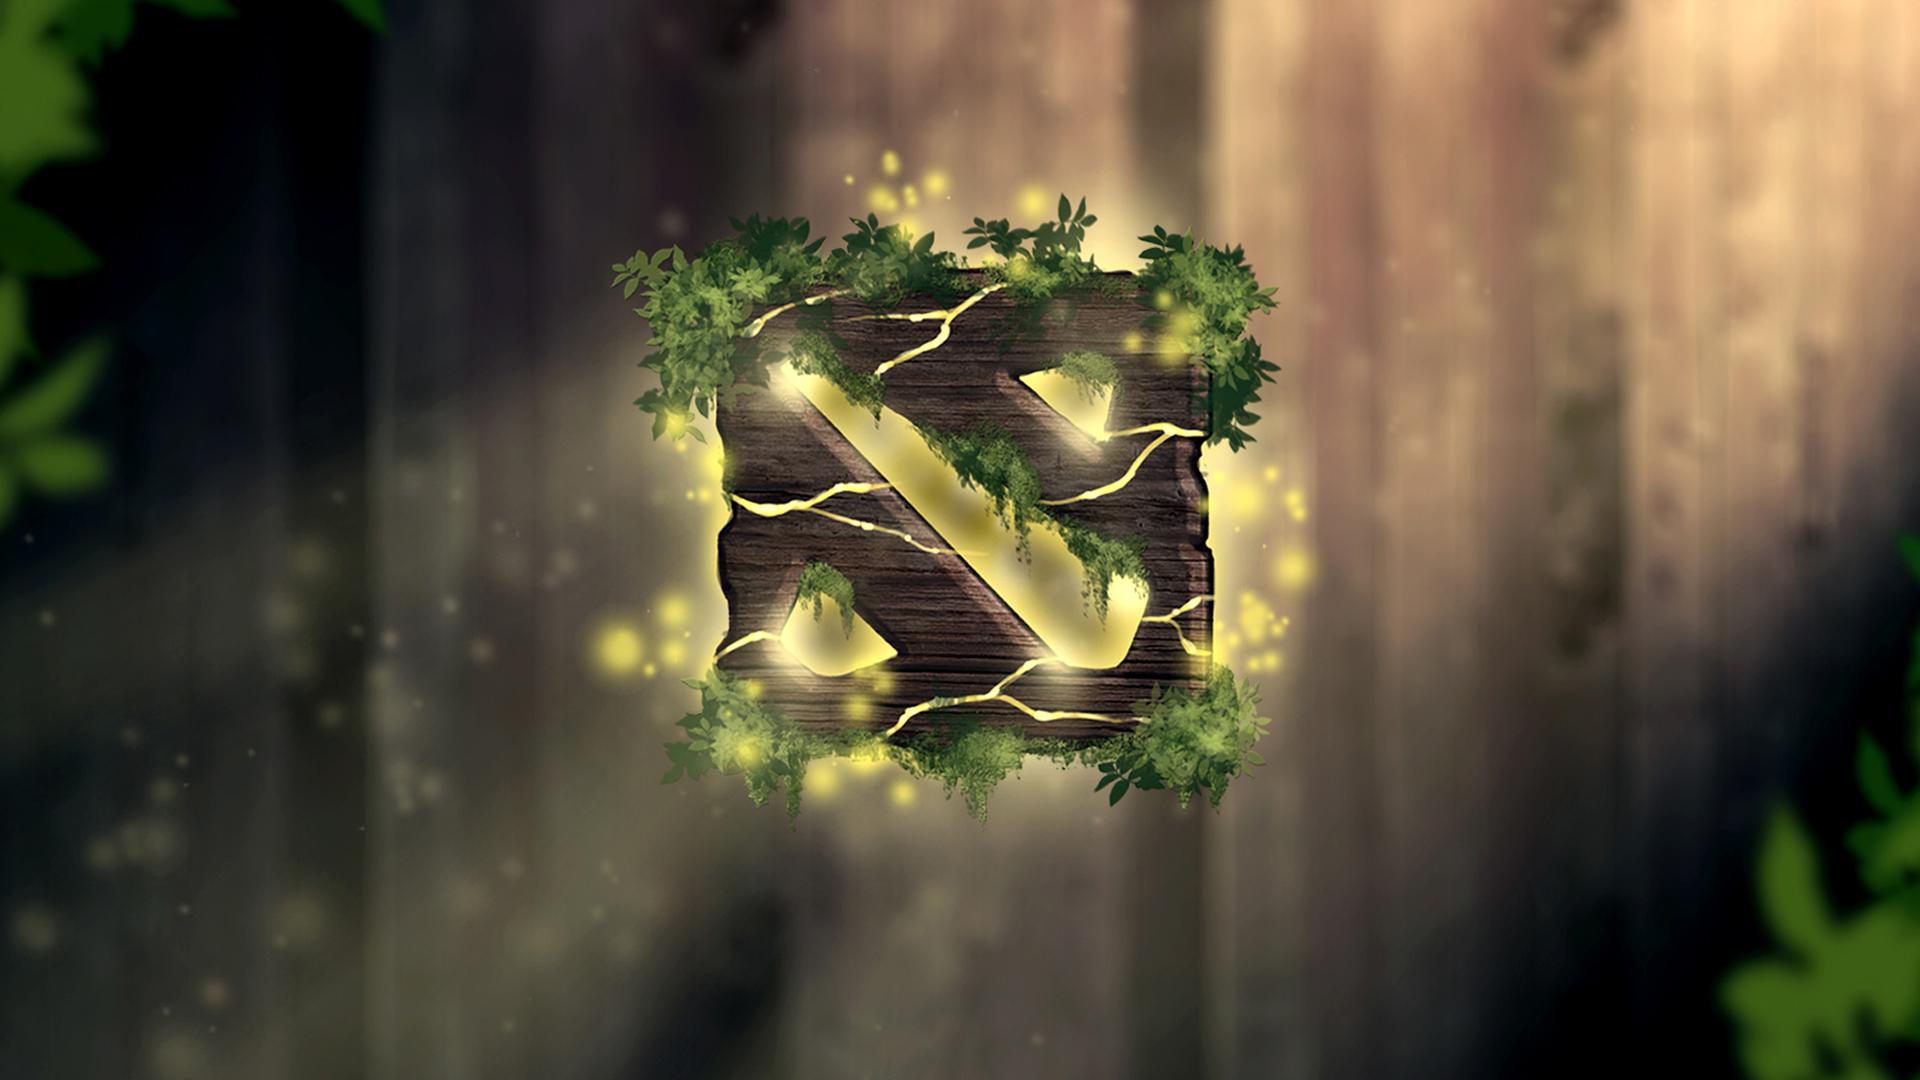 logo dota 2 game hd wallpaper 1920x1080 1080p 0h 1920x1080